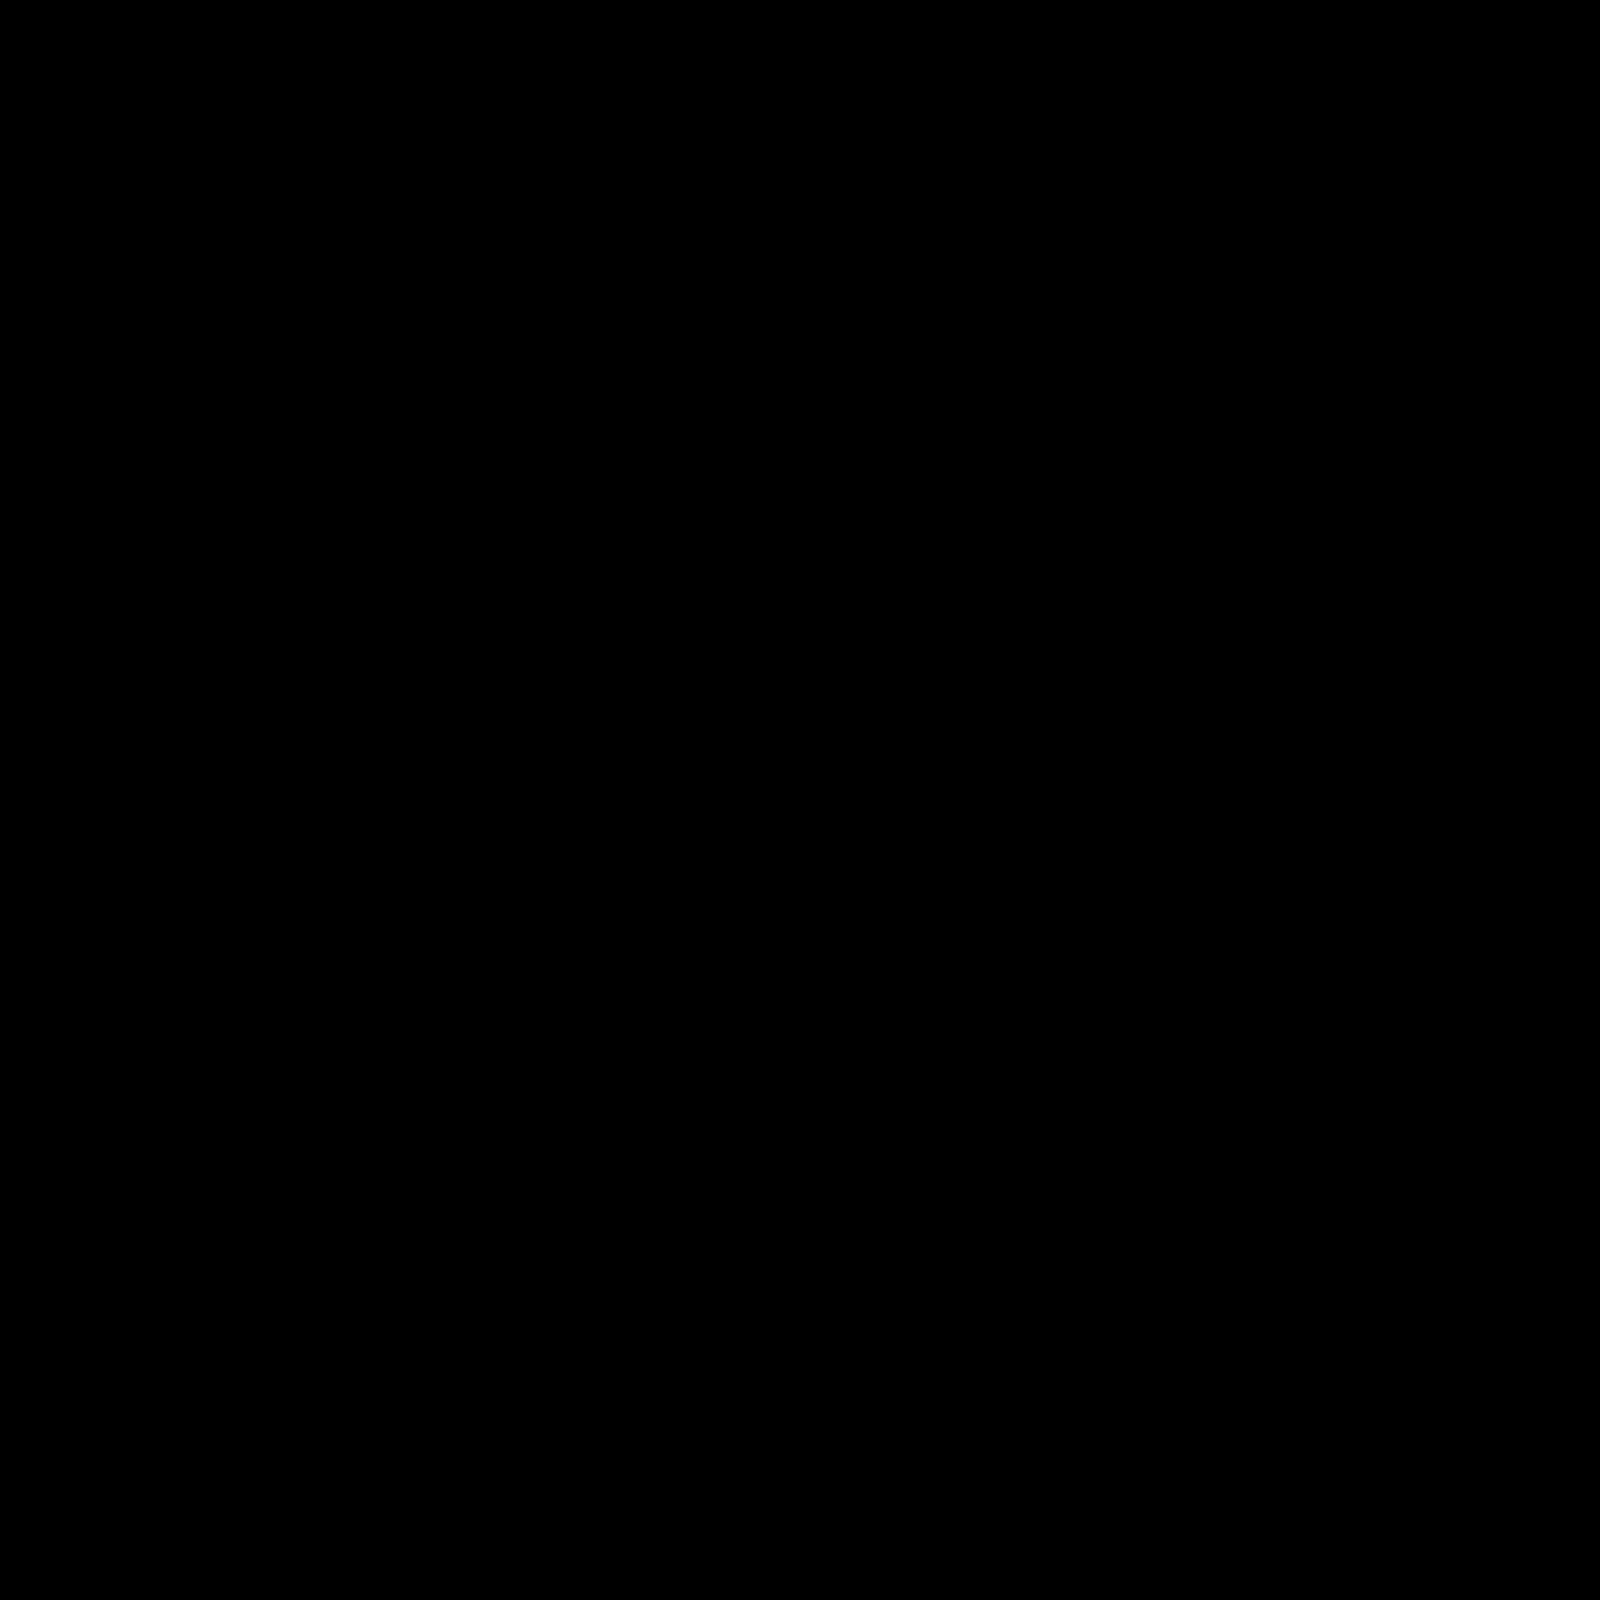 Marshmallow icon